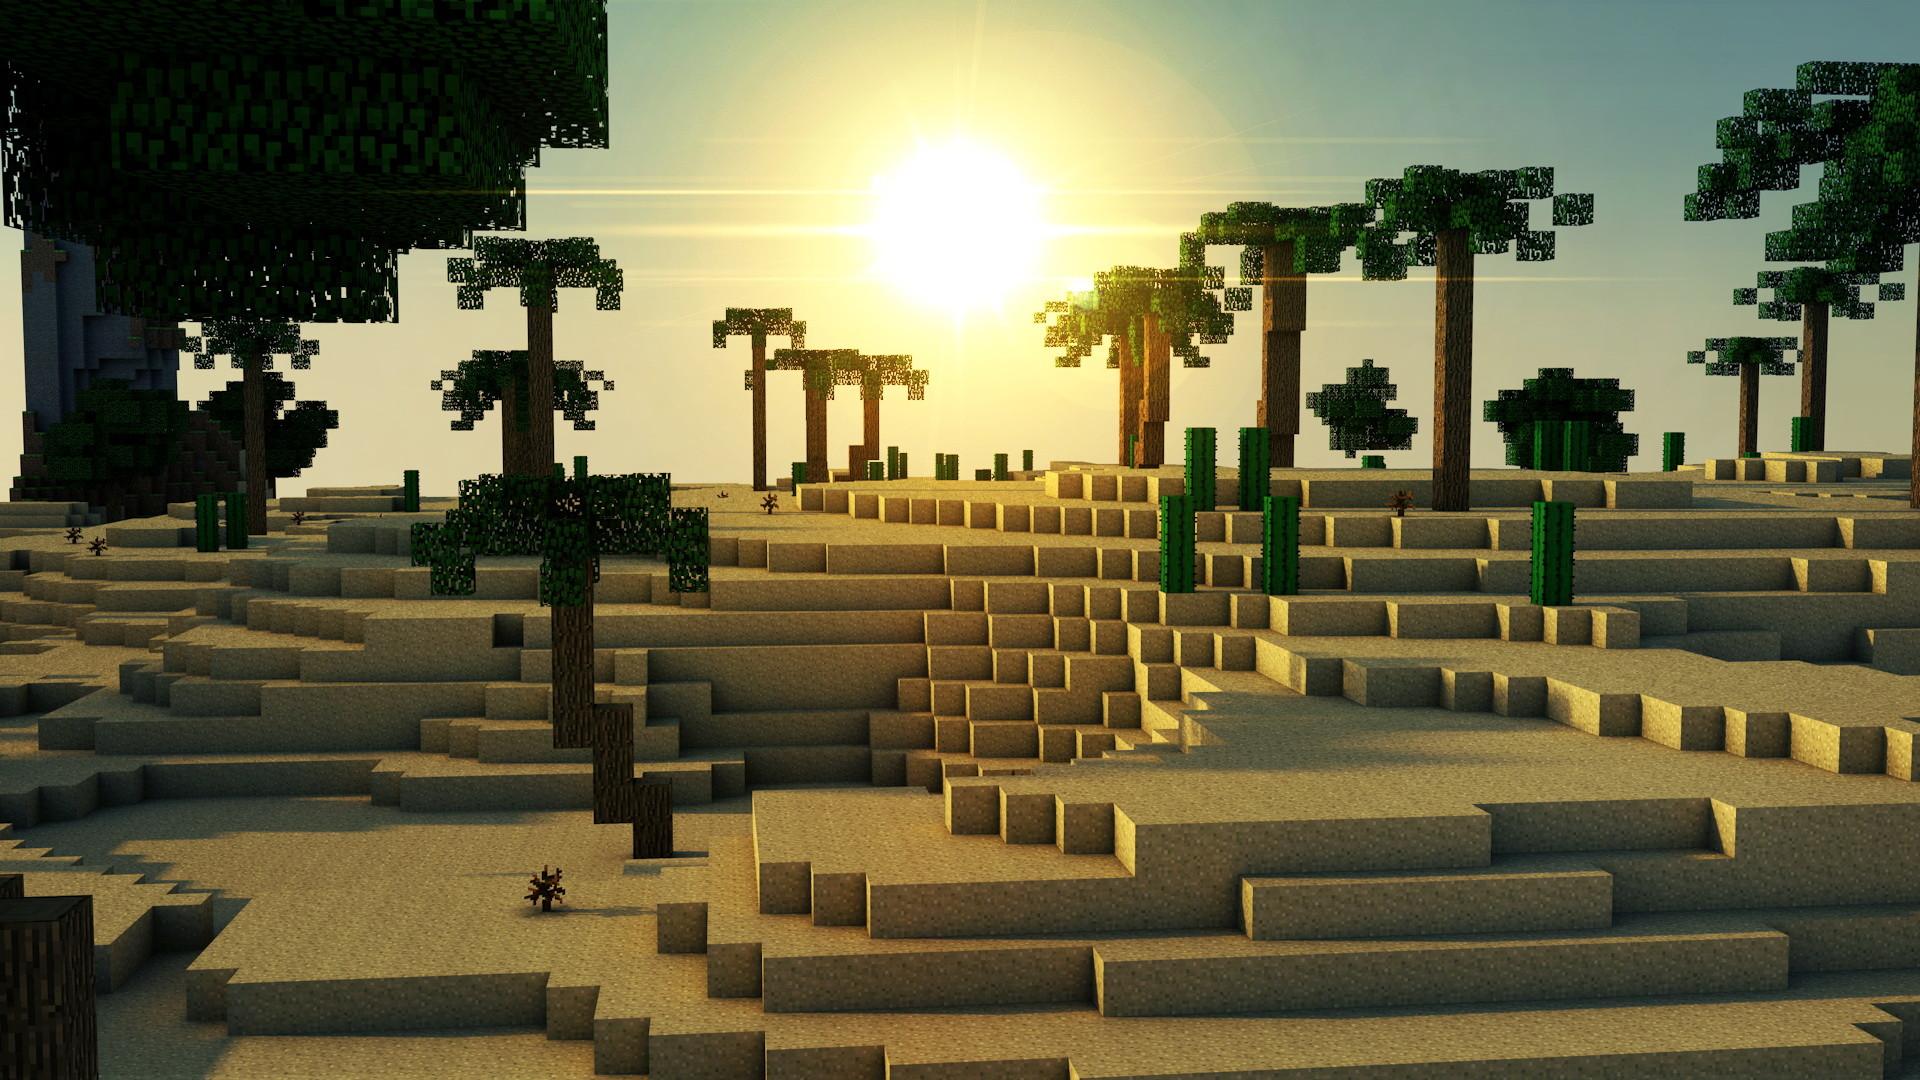 Hình nền Minecraft nắng chiếu vàng rực